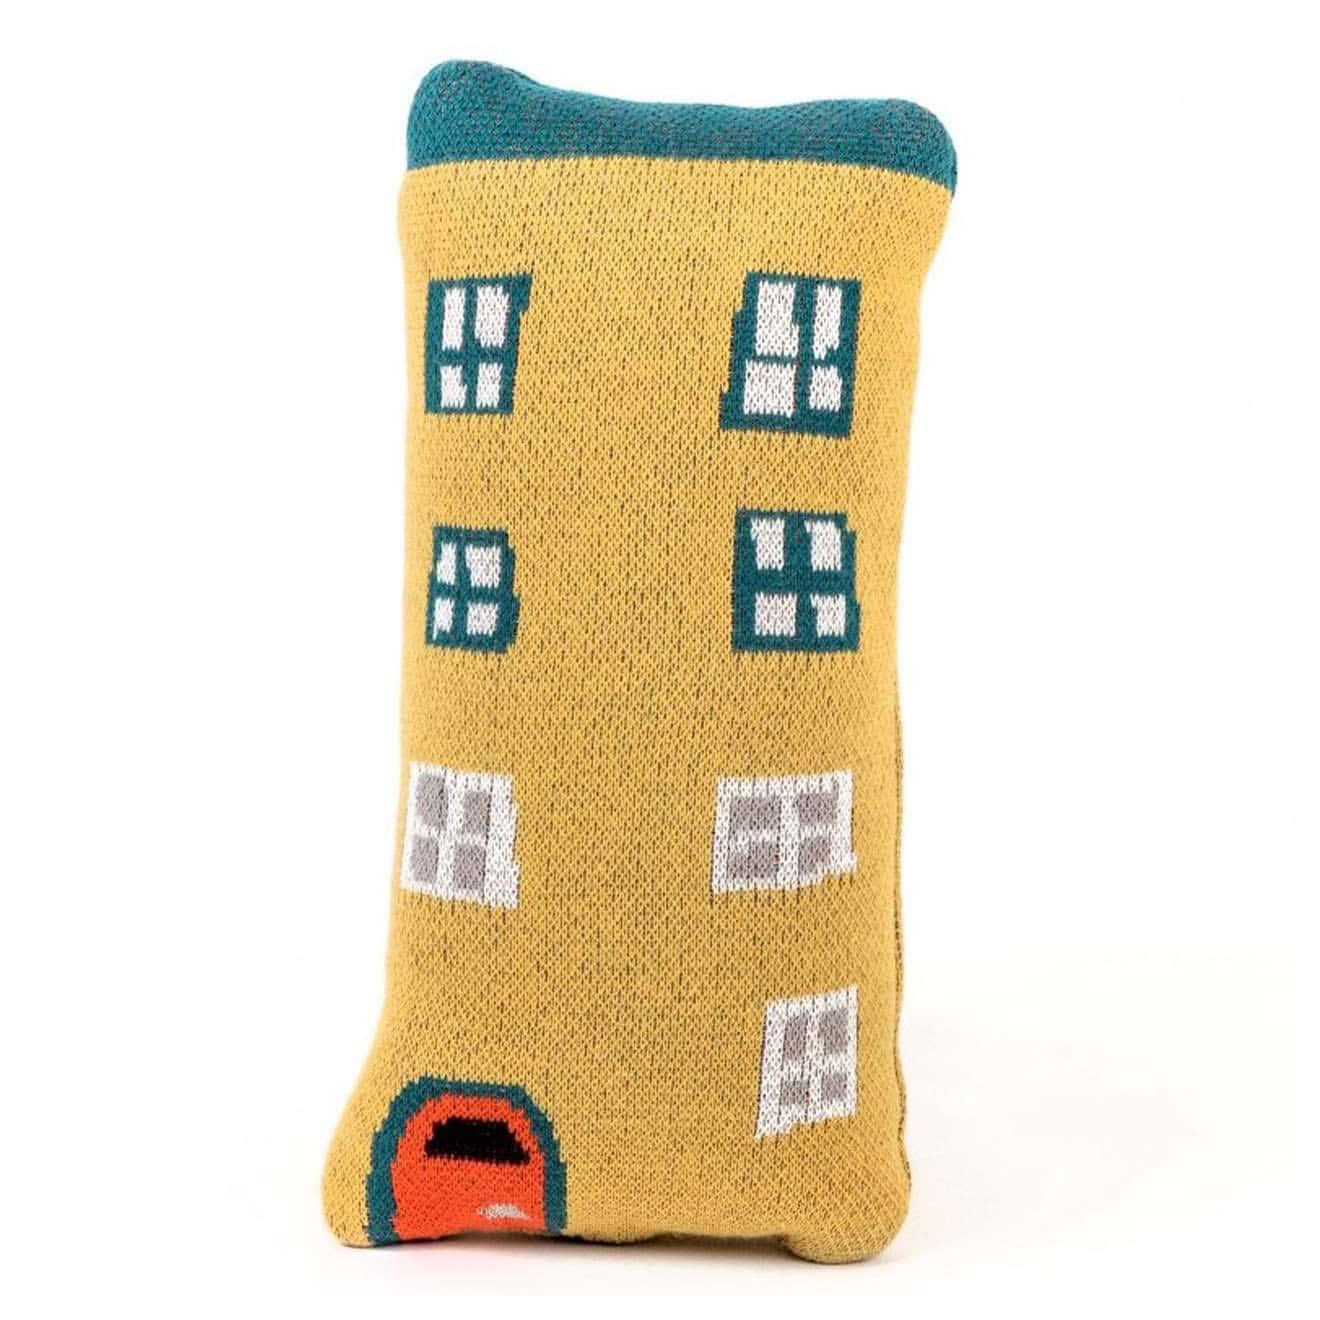 Kuschelkissen yellow house